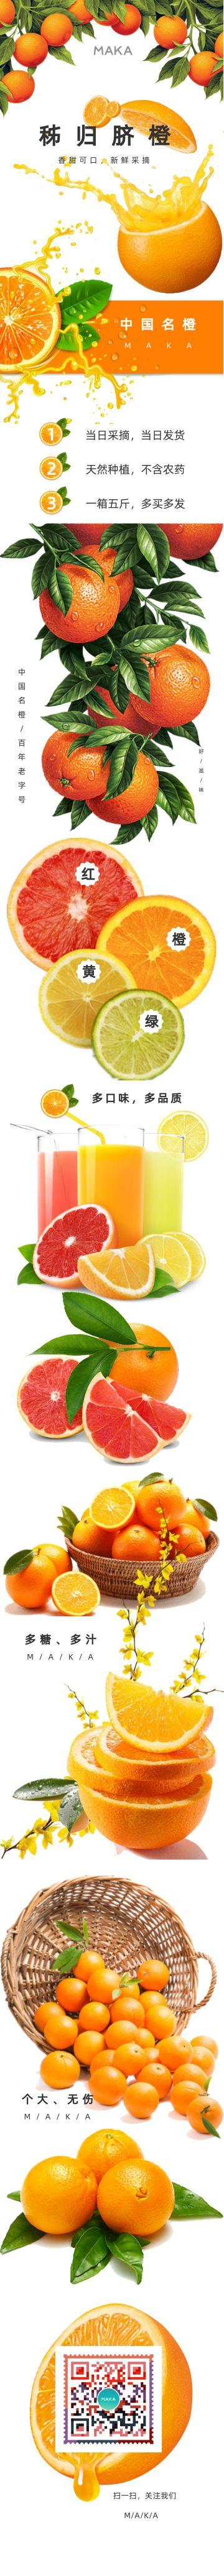 水果橙子扁平简约电商微商产品详情页促销海报